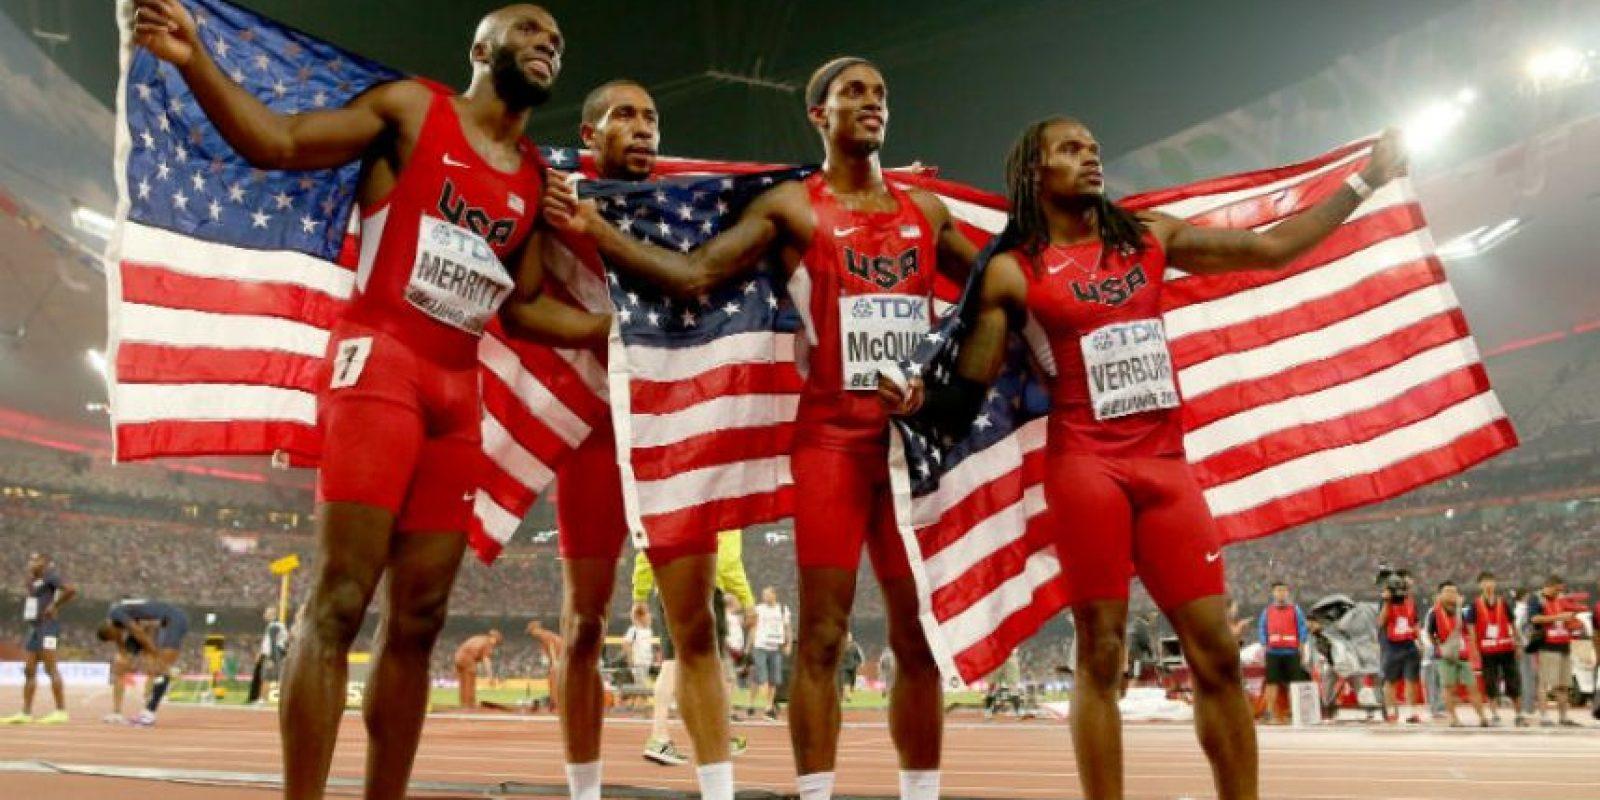 Lashawn Merritt, Bryshon Nellum, Tony McQuay y David Verburg fueron los vencedores en 4X400 metros con un tiempo de dos minutos, 57 segundos y 82 centésimas de segundo. Foto:Getty Images